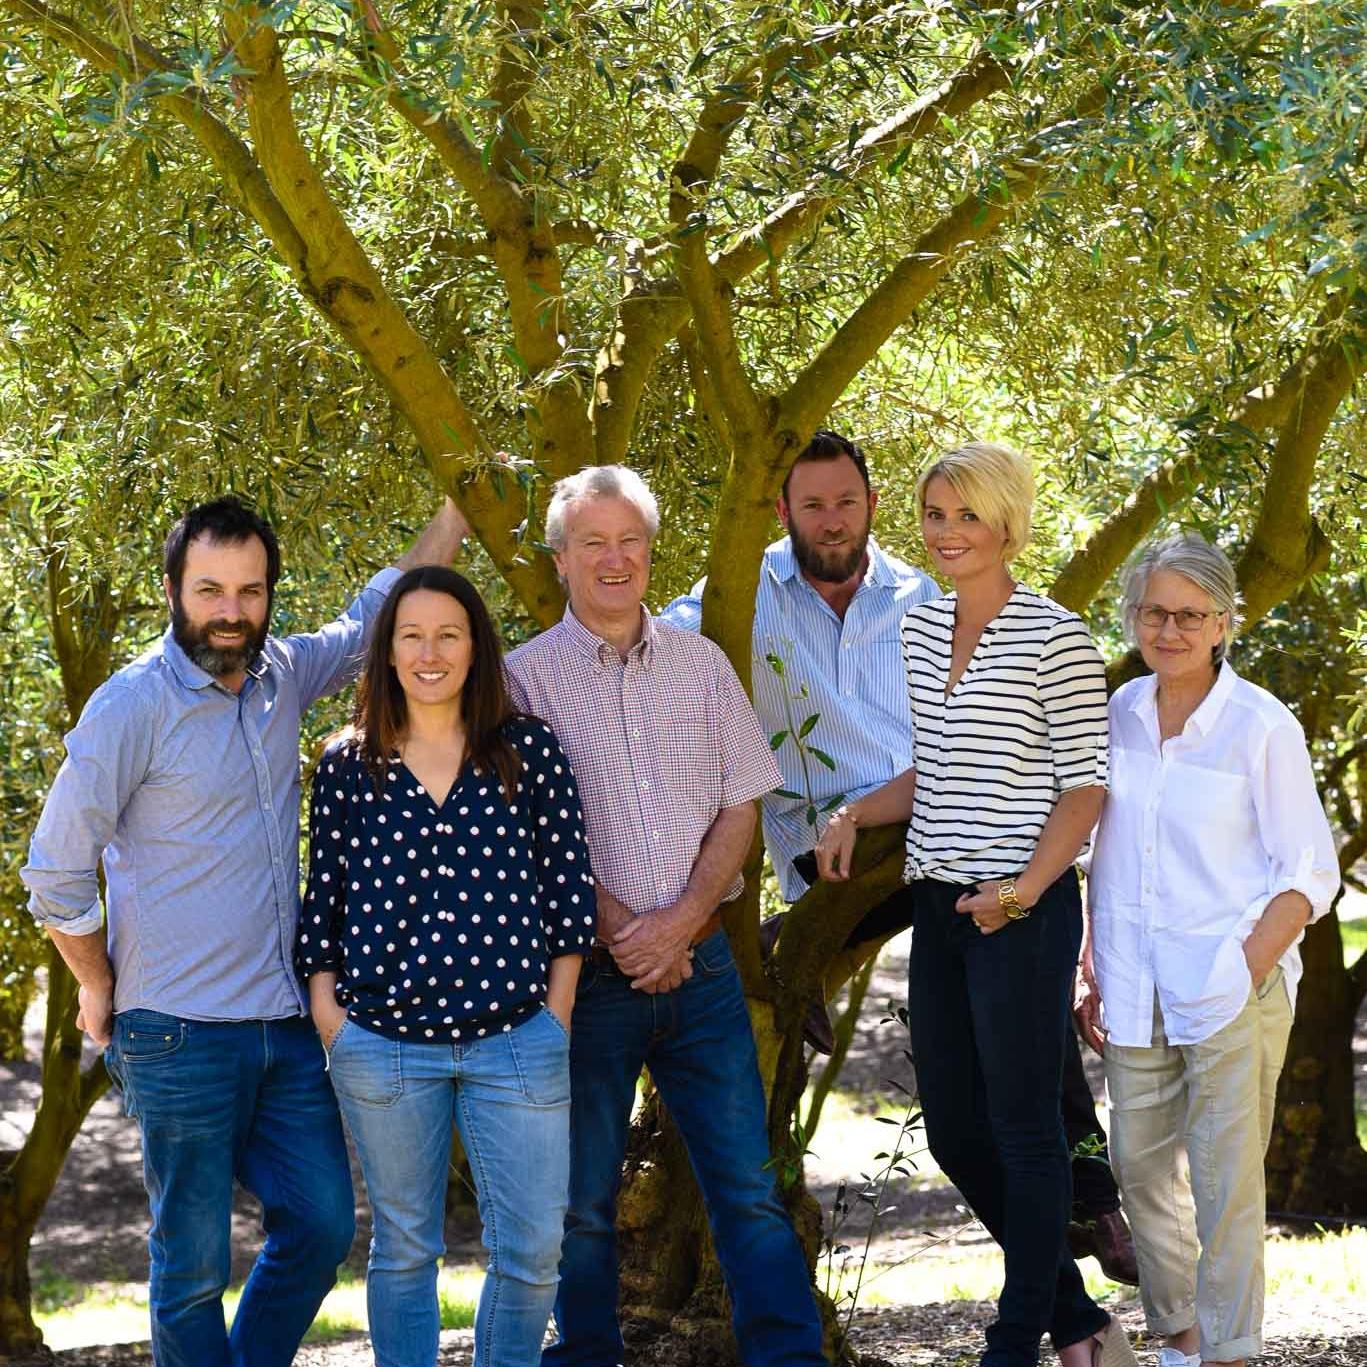 2017 - Meet the team: Steve, Sarah, Andy, Hal, Cass, Jude